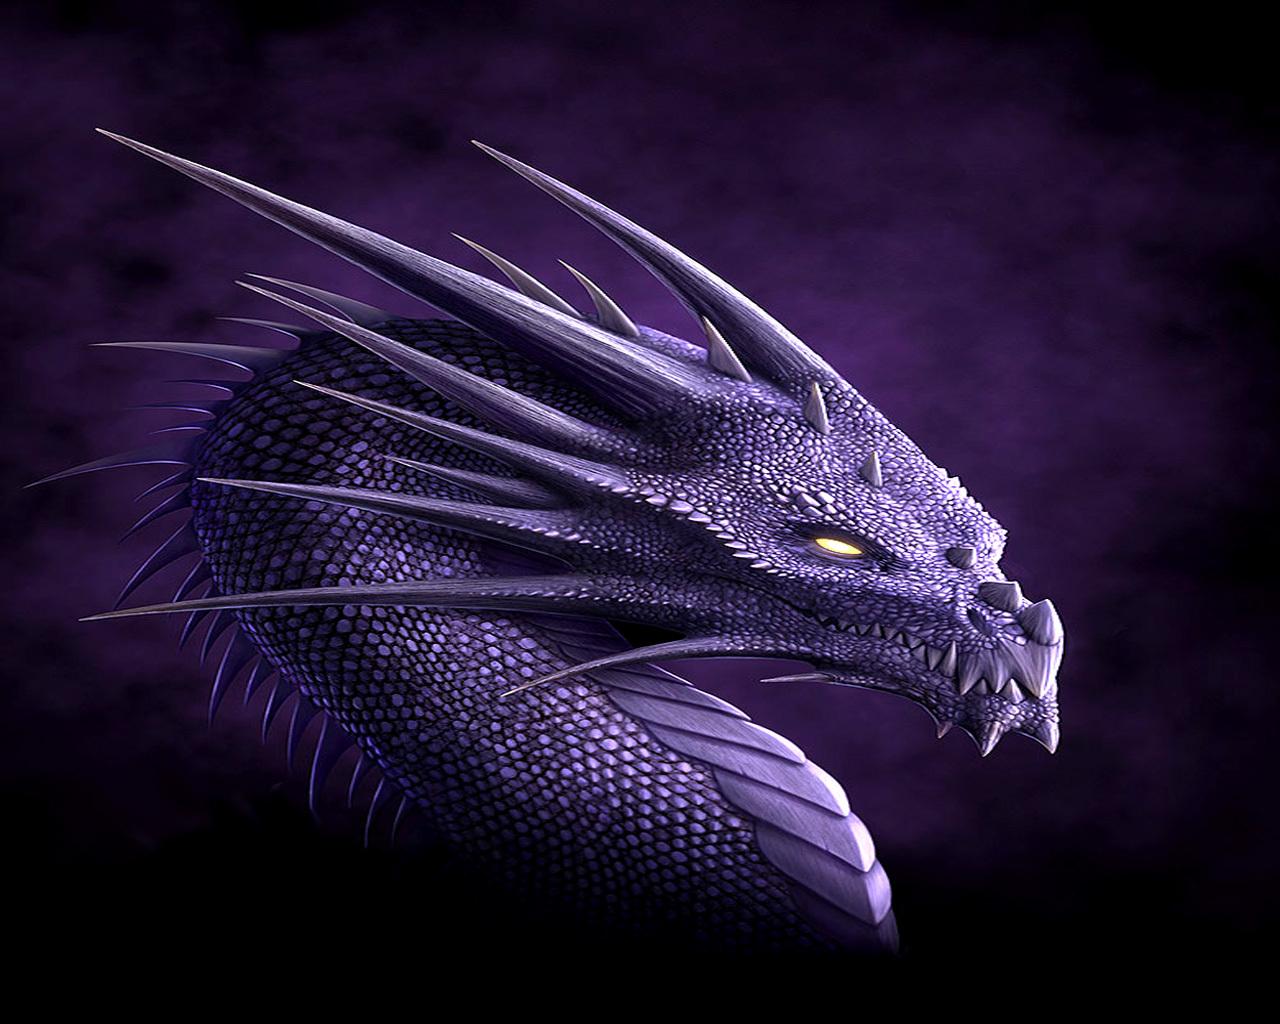 Dragon Wallpaper   Dragons Wallpaper 13975574 1280x1024